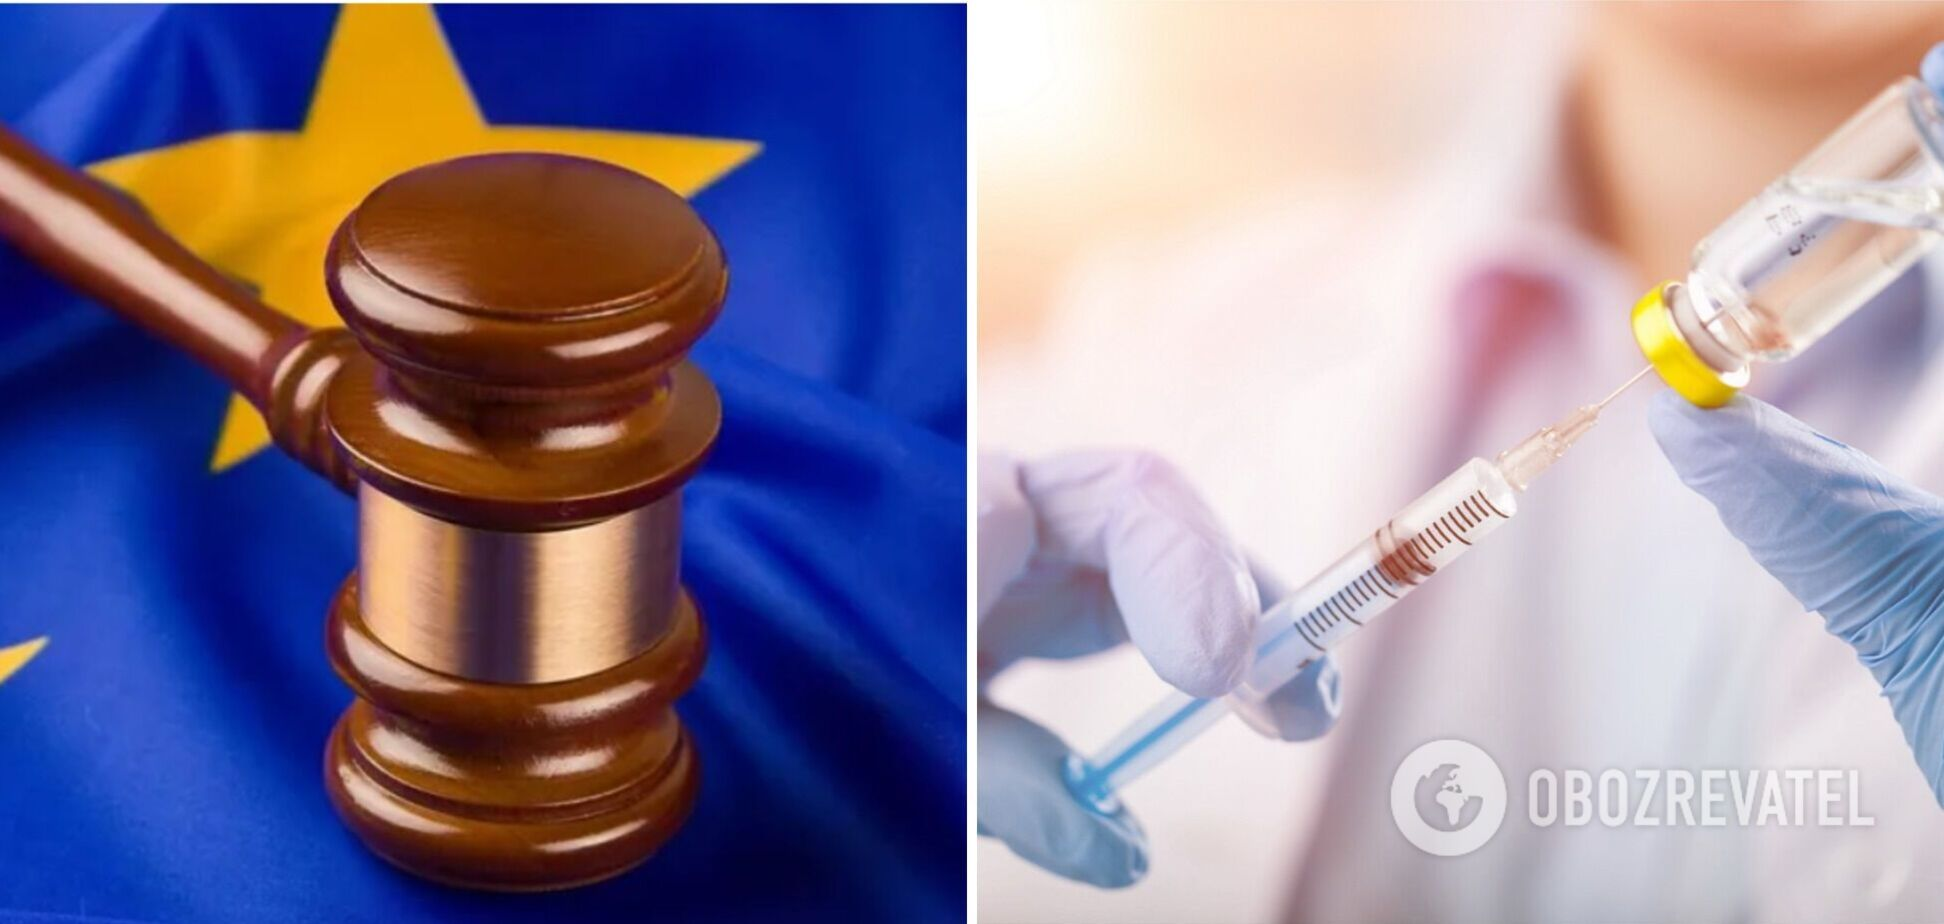 ЕСПЧ признал законной обязательную вакцинацию детей и наказание родителей за отказ